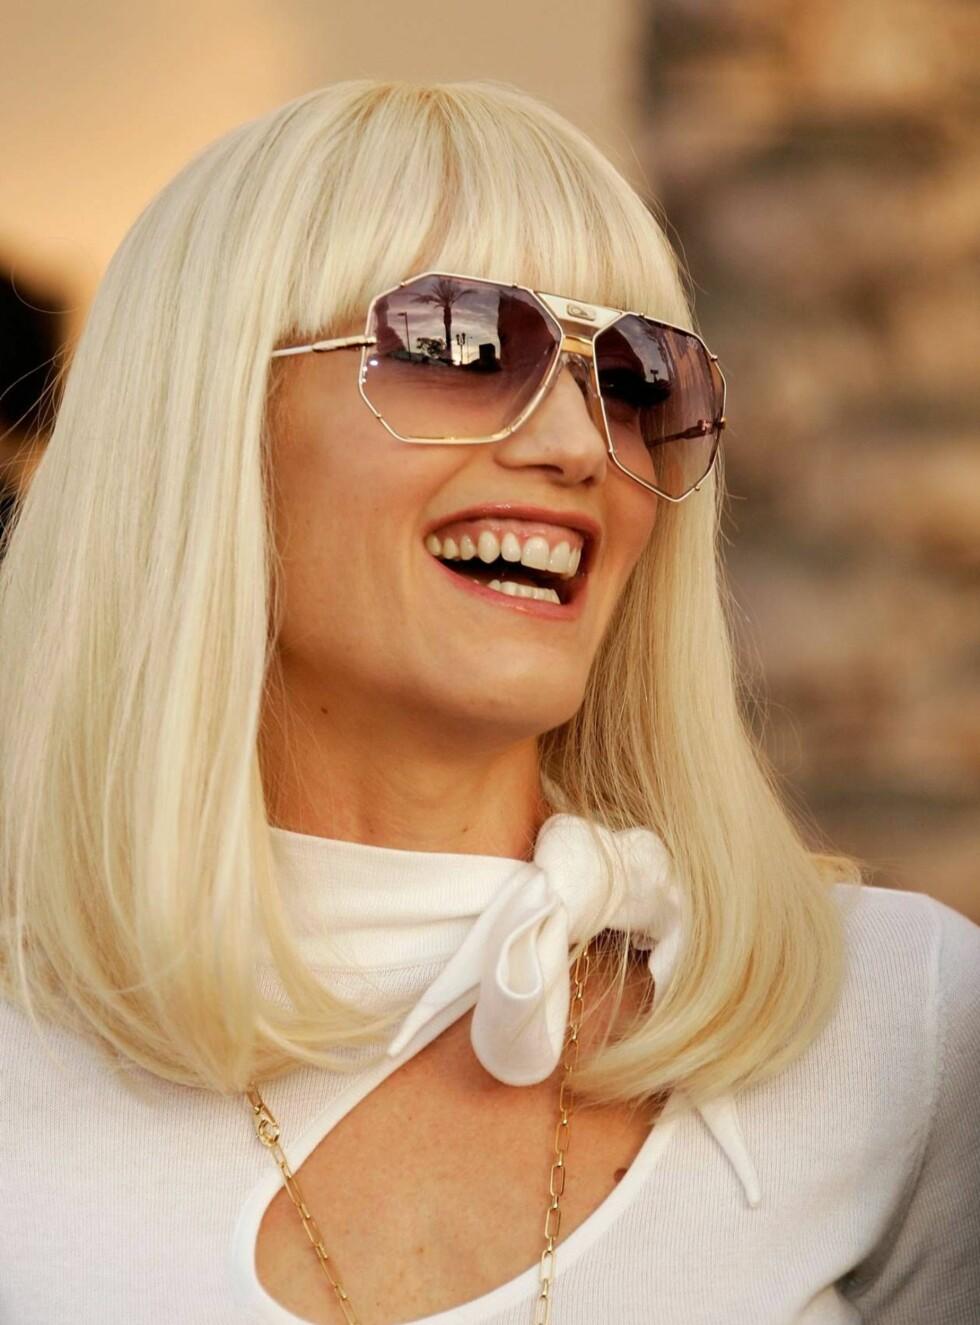 FLOTT: Gwen Stefani regnes som en av de hotteste popstjernene i verden. Allikevel tenker hun på å stramme på maska når hun blir eldre. Foto: All Over Press